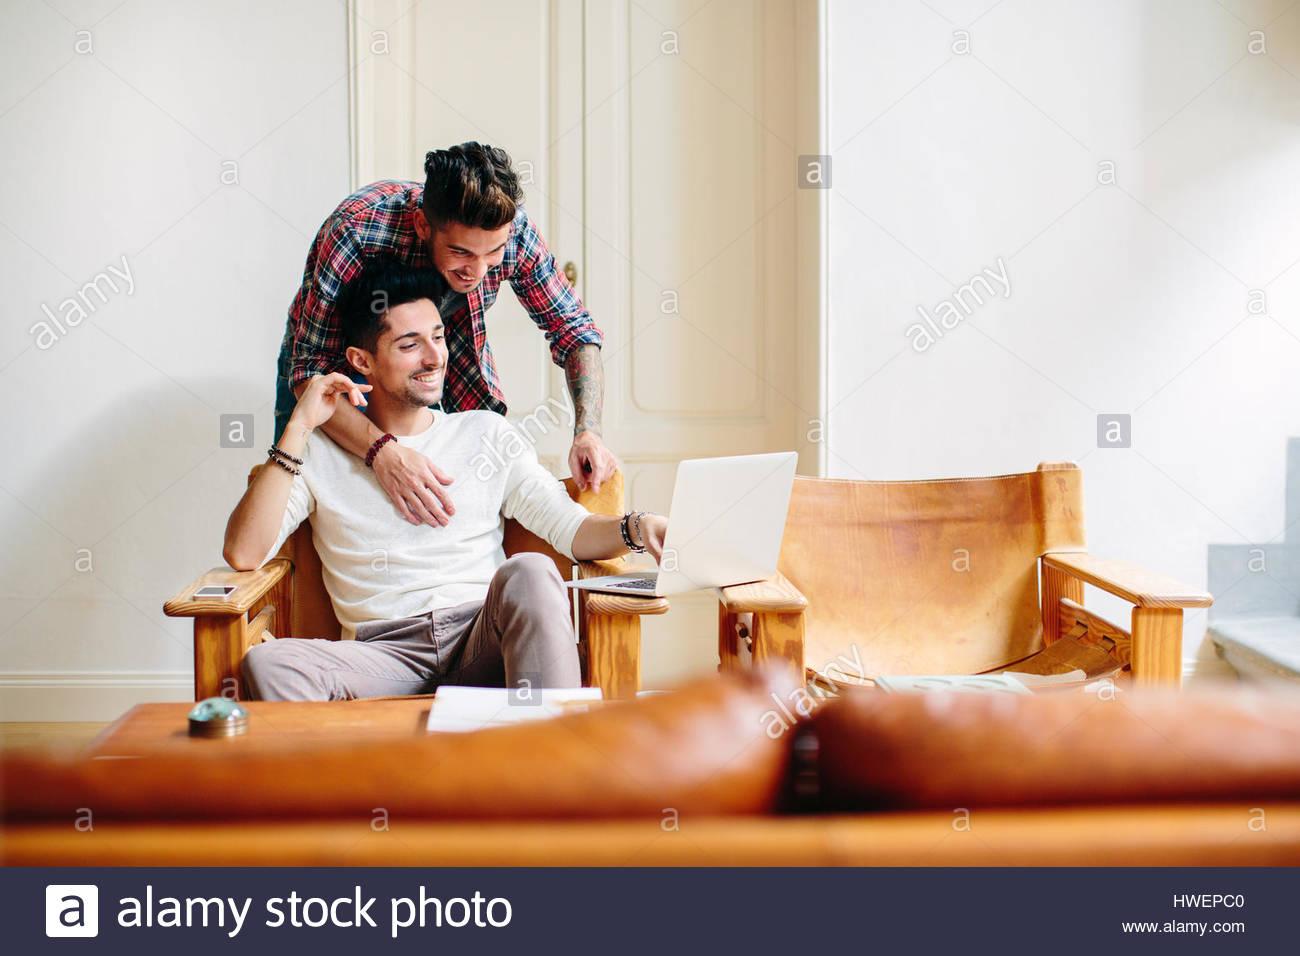 Joven de la casa, sentado en la silla, utilizando equipo portátil, su socio abrazando a él desde atrás Imagen De Stock